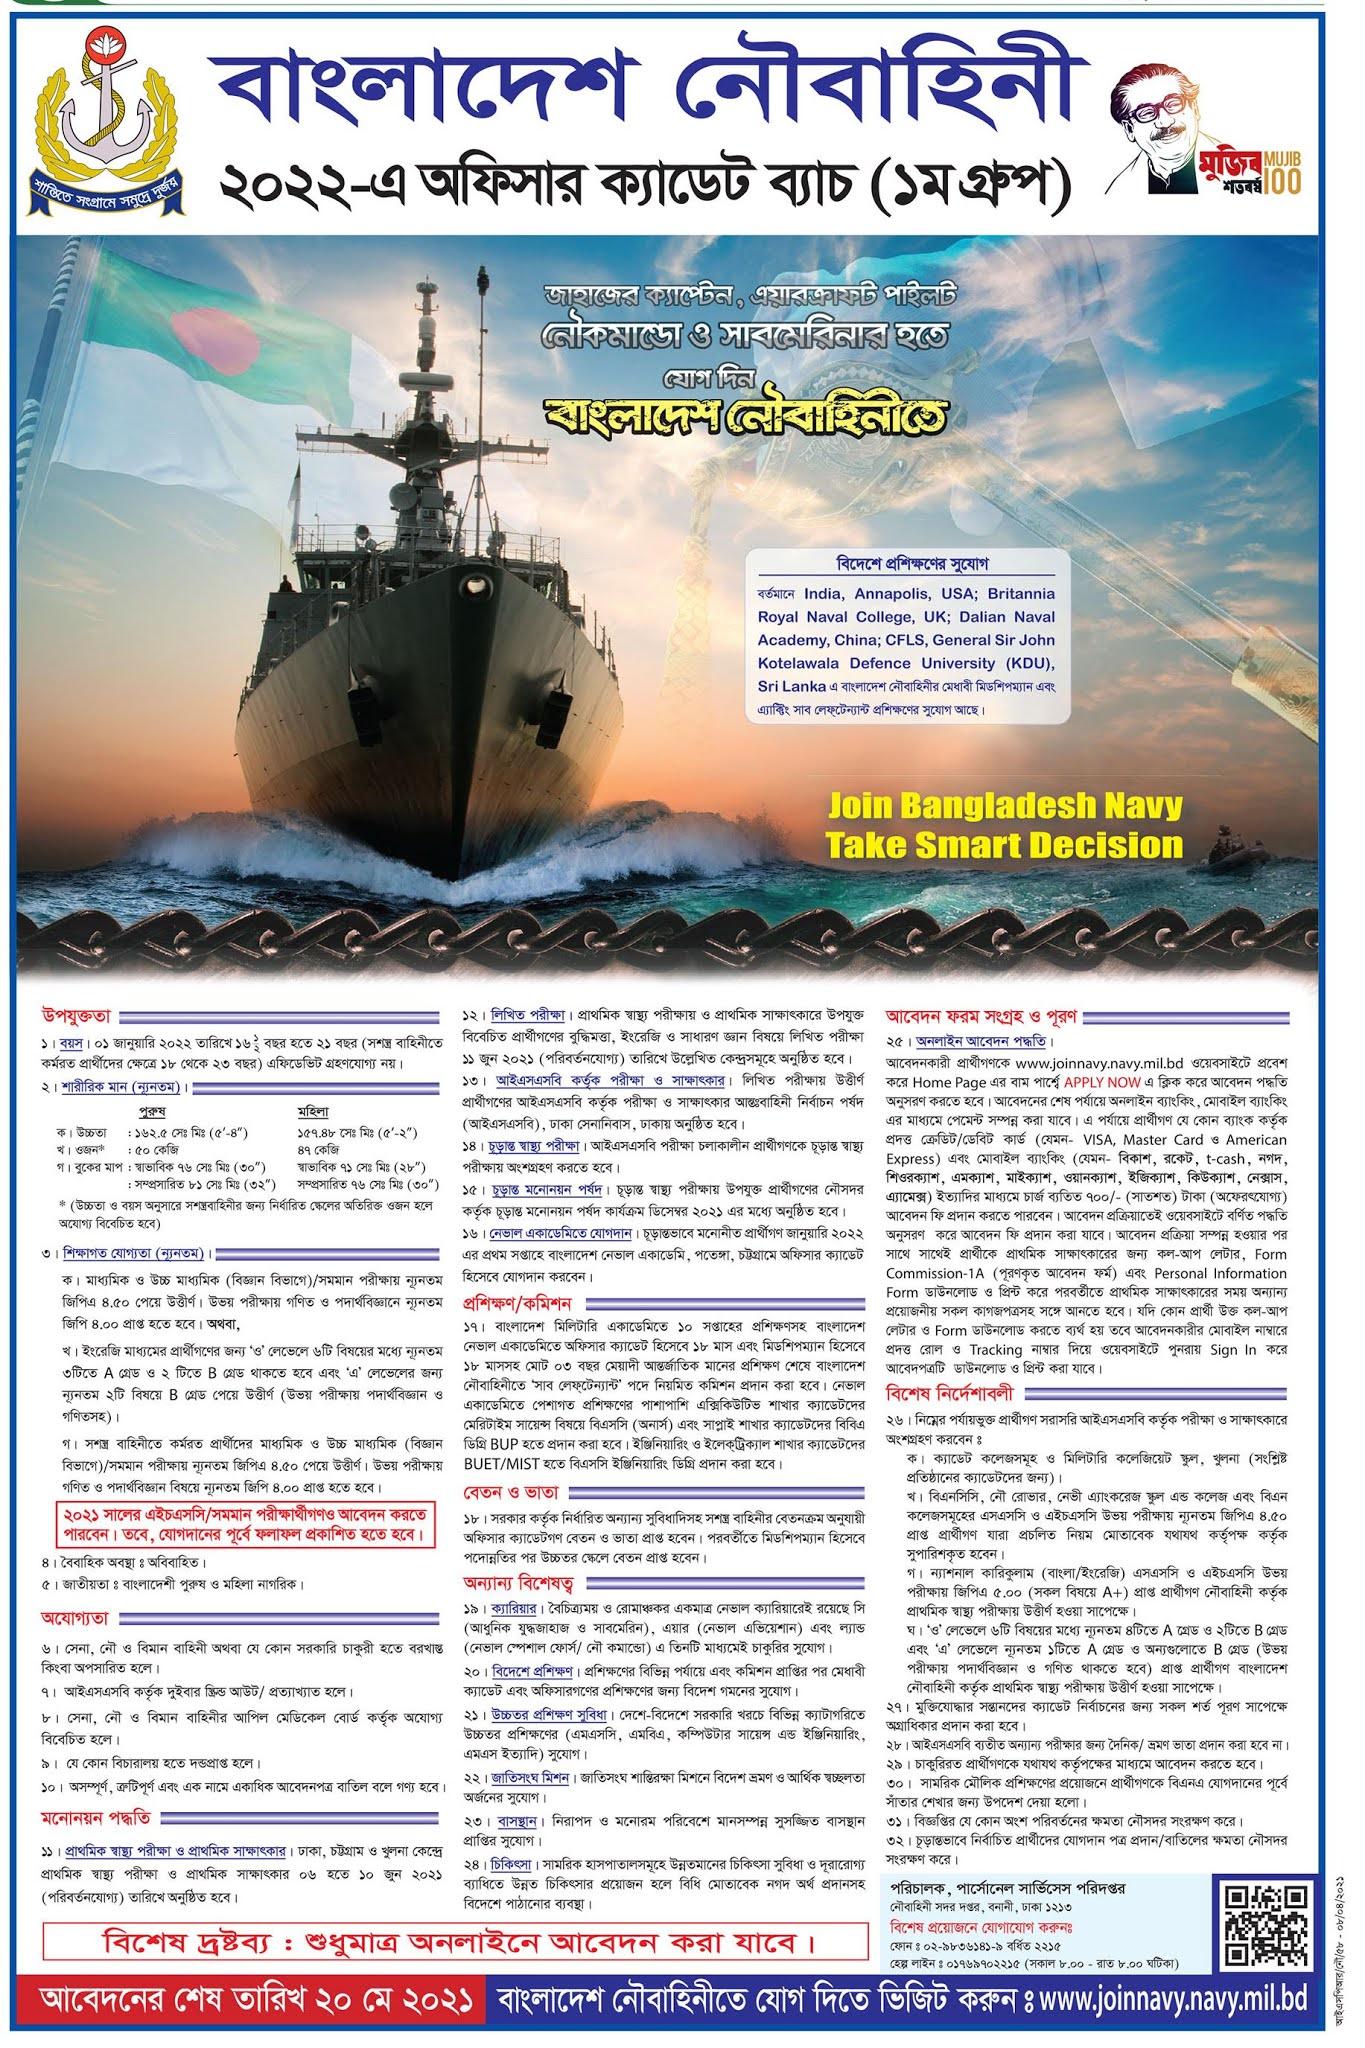 নৌবাহিনী অফিসার পদে নিয়োগ